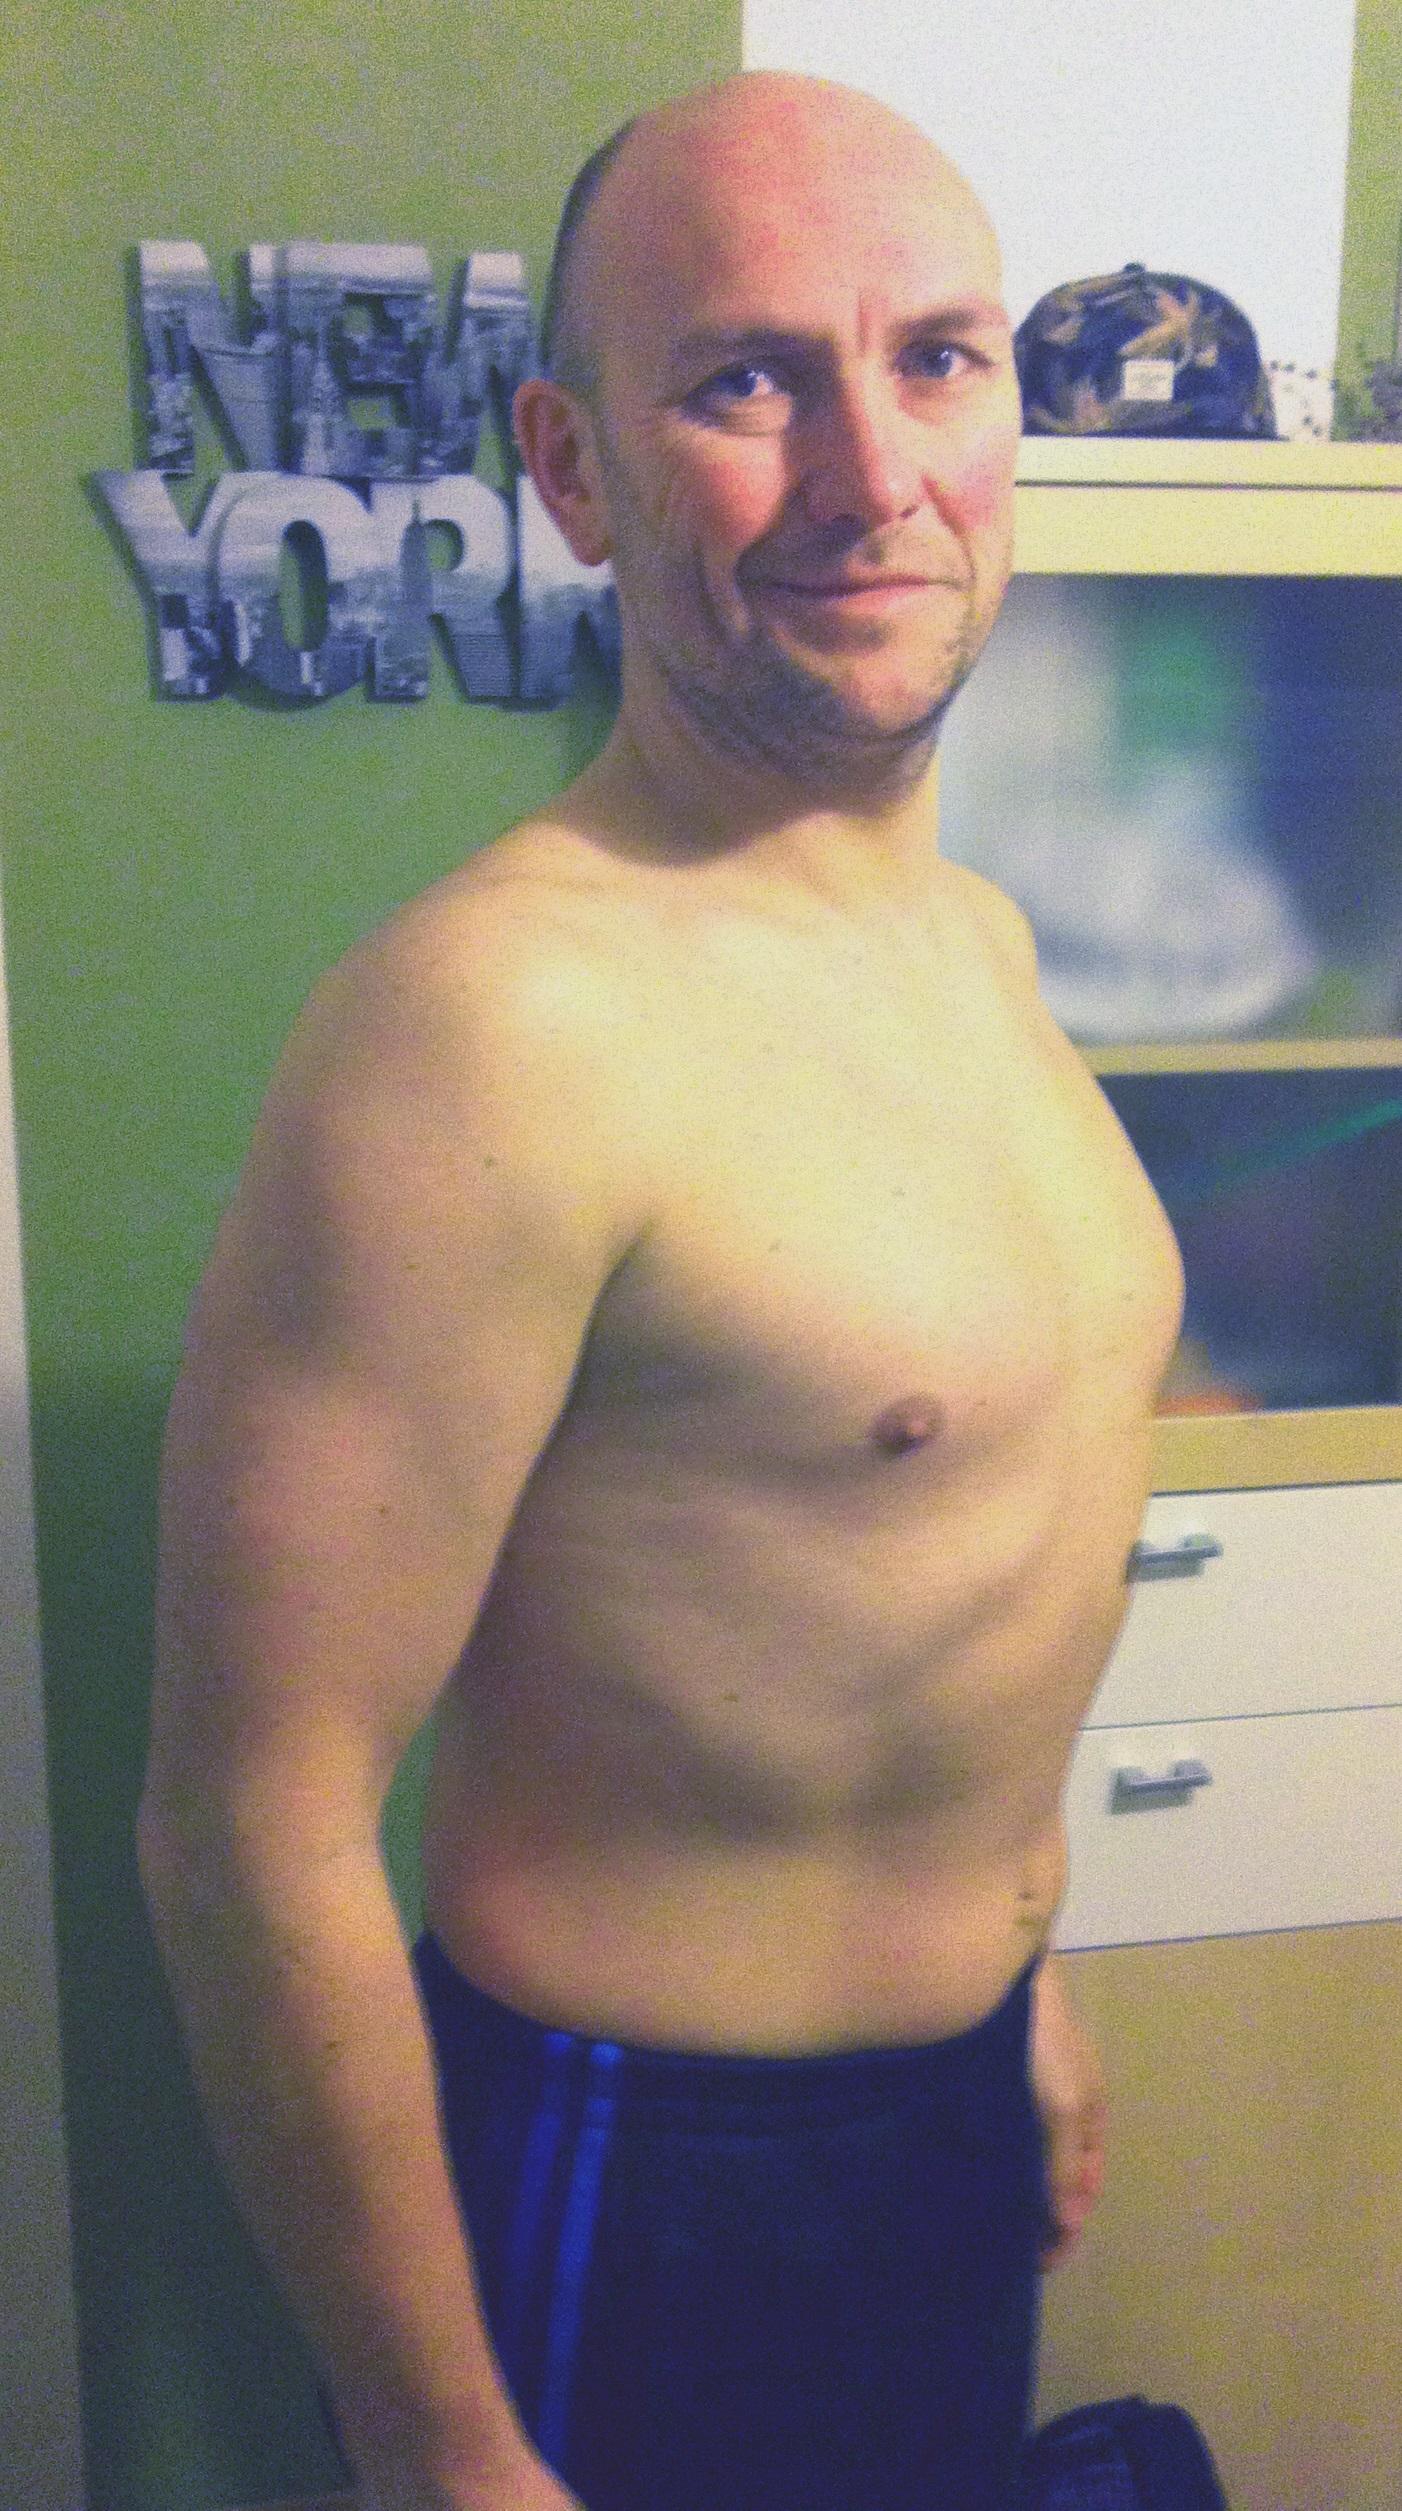 Manfred ist mit seiner Figur dank BodyChange zufrieden